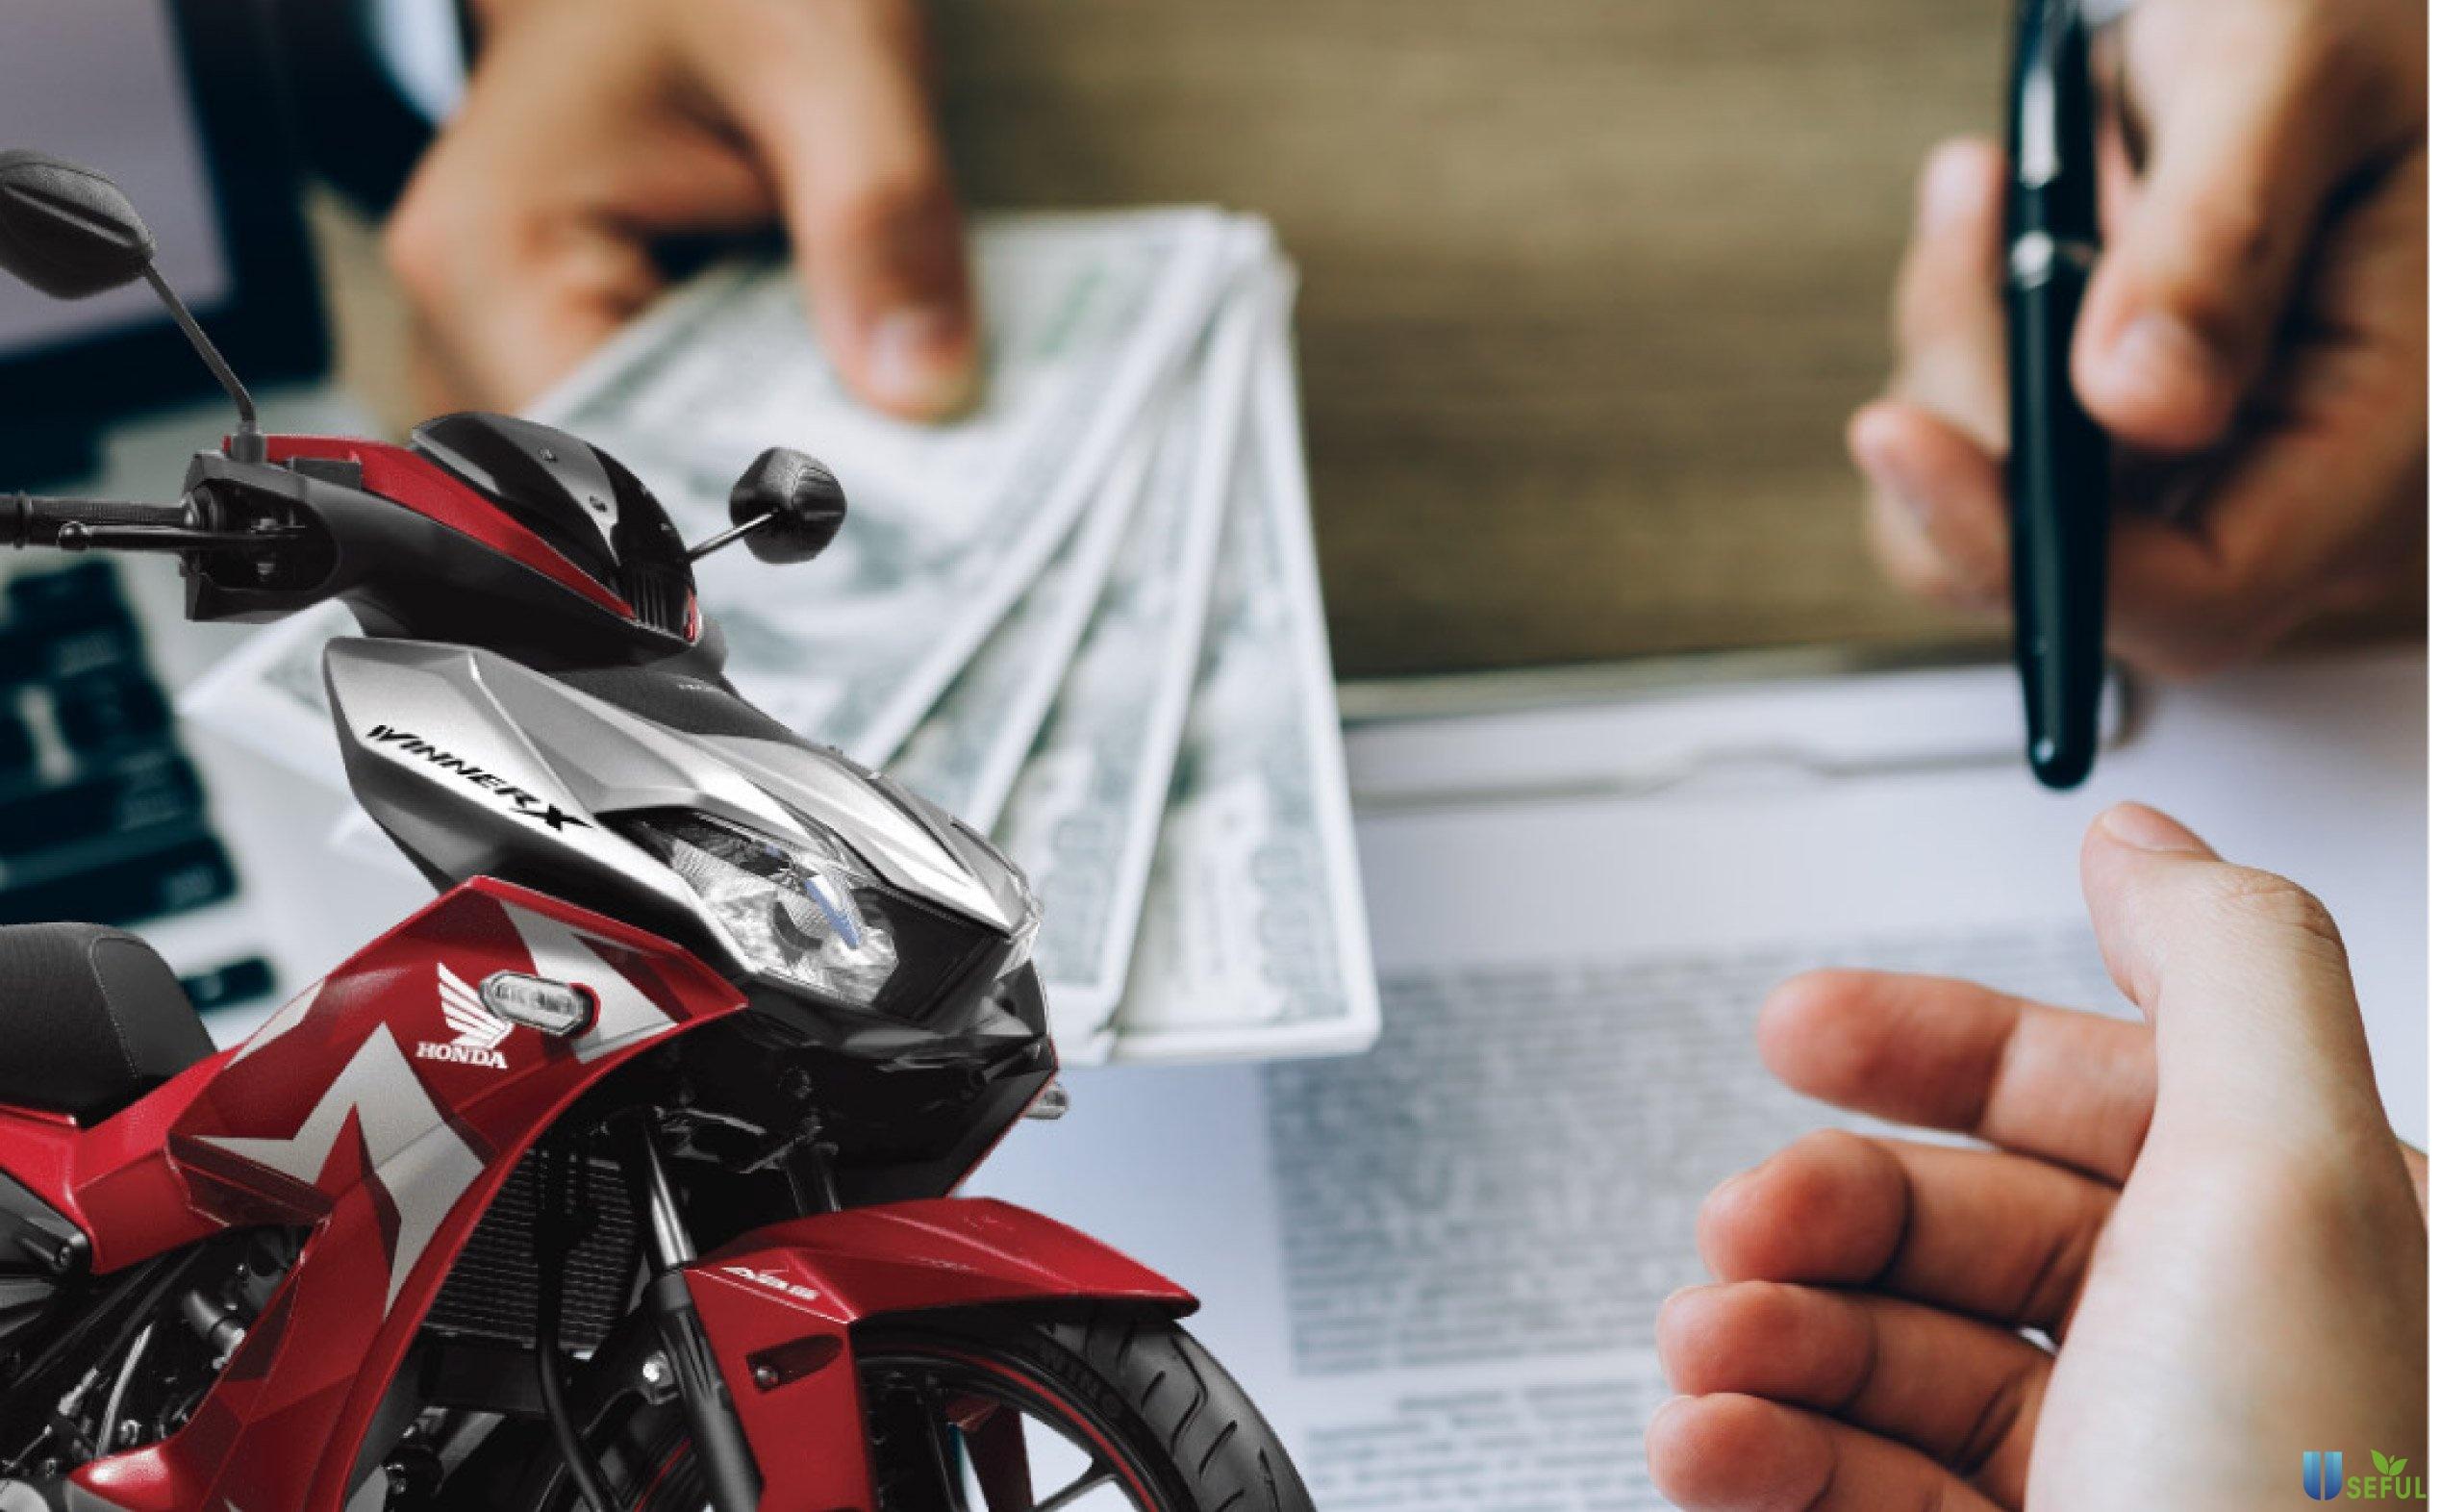 Có nên mua xe máy trả góp - Những kinh nghiệm không thể bỏ qua - FW Speer Yamaha